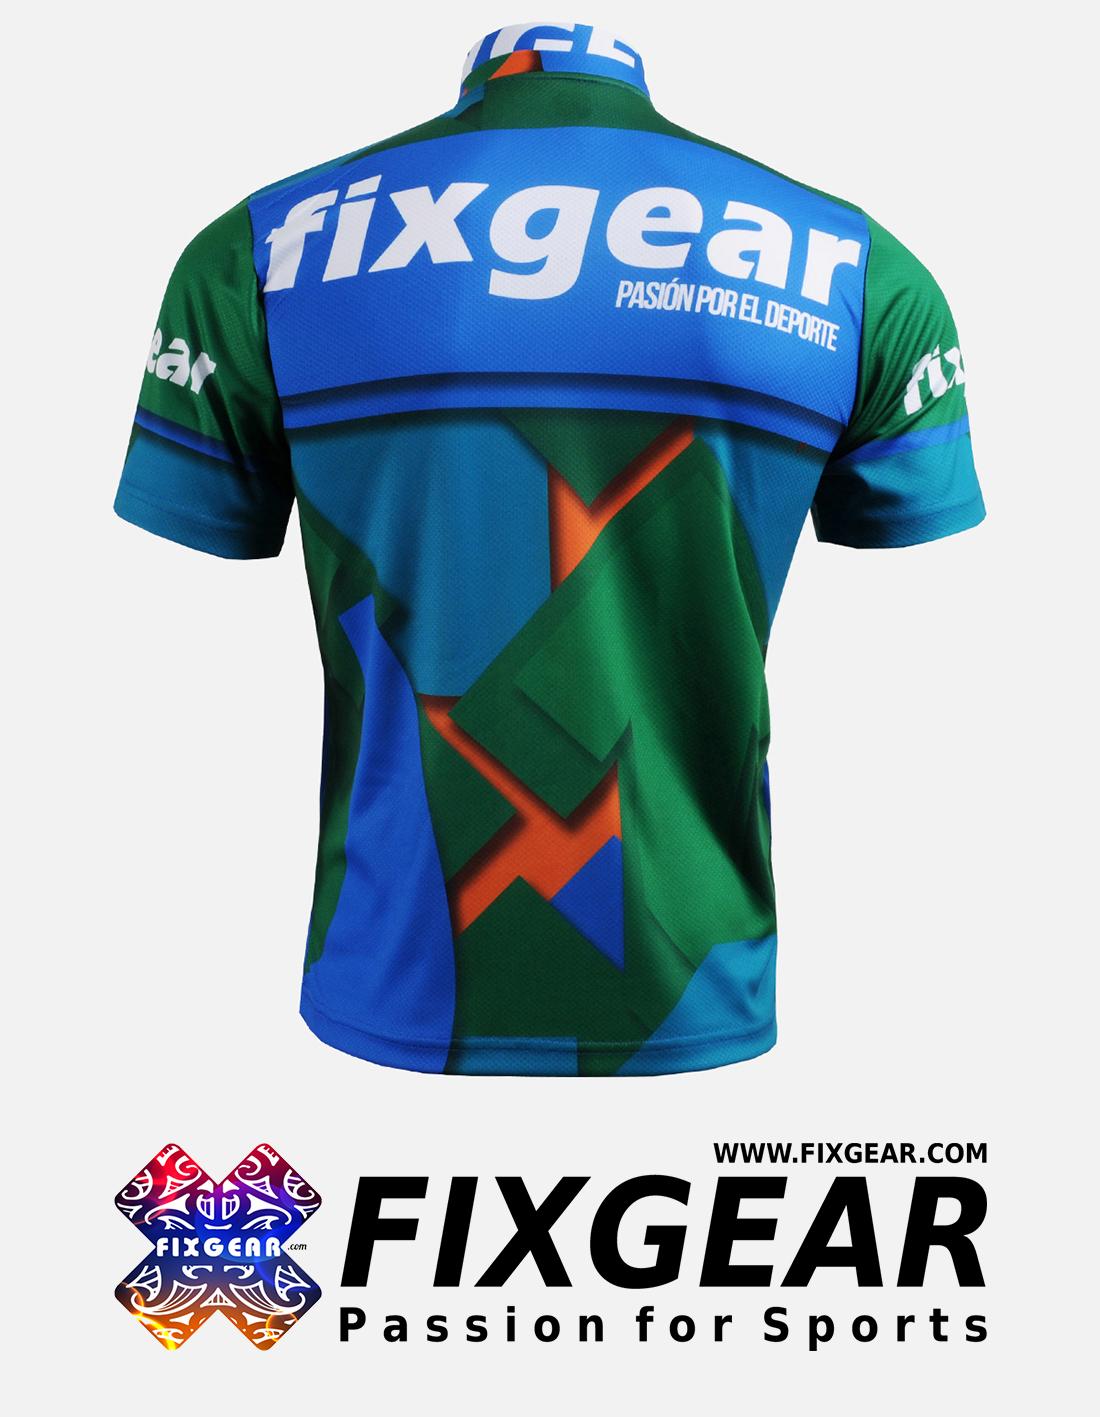 FIXGEAR BM-51B2 Casual Men's short sleeve jersey 1/4 zip-up T-Shirt